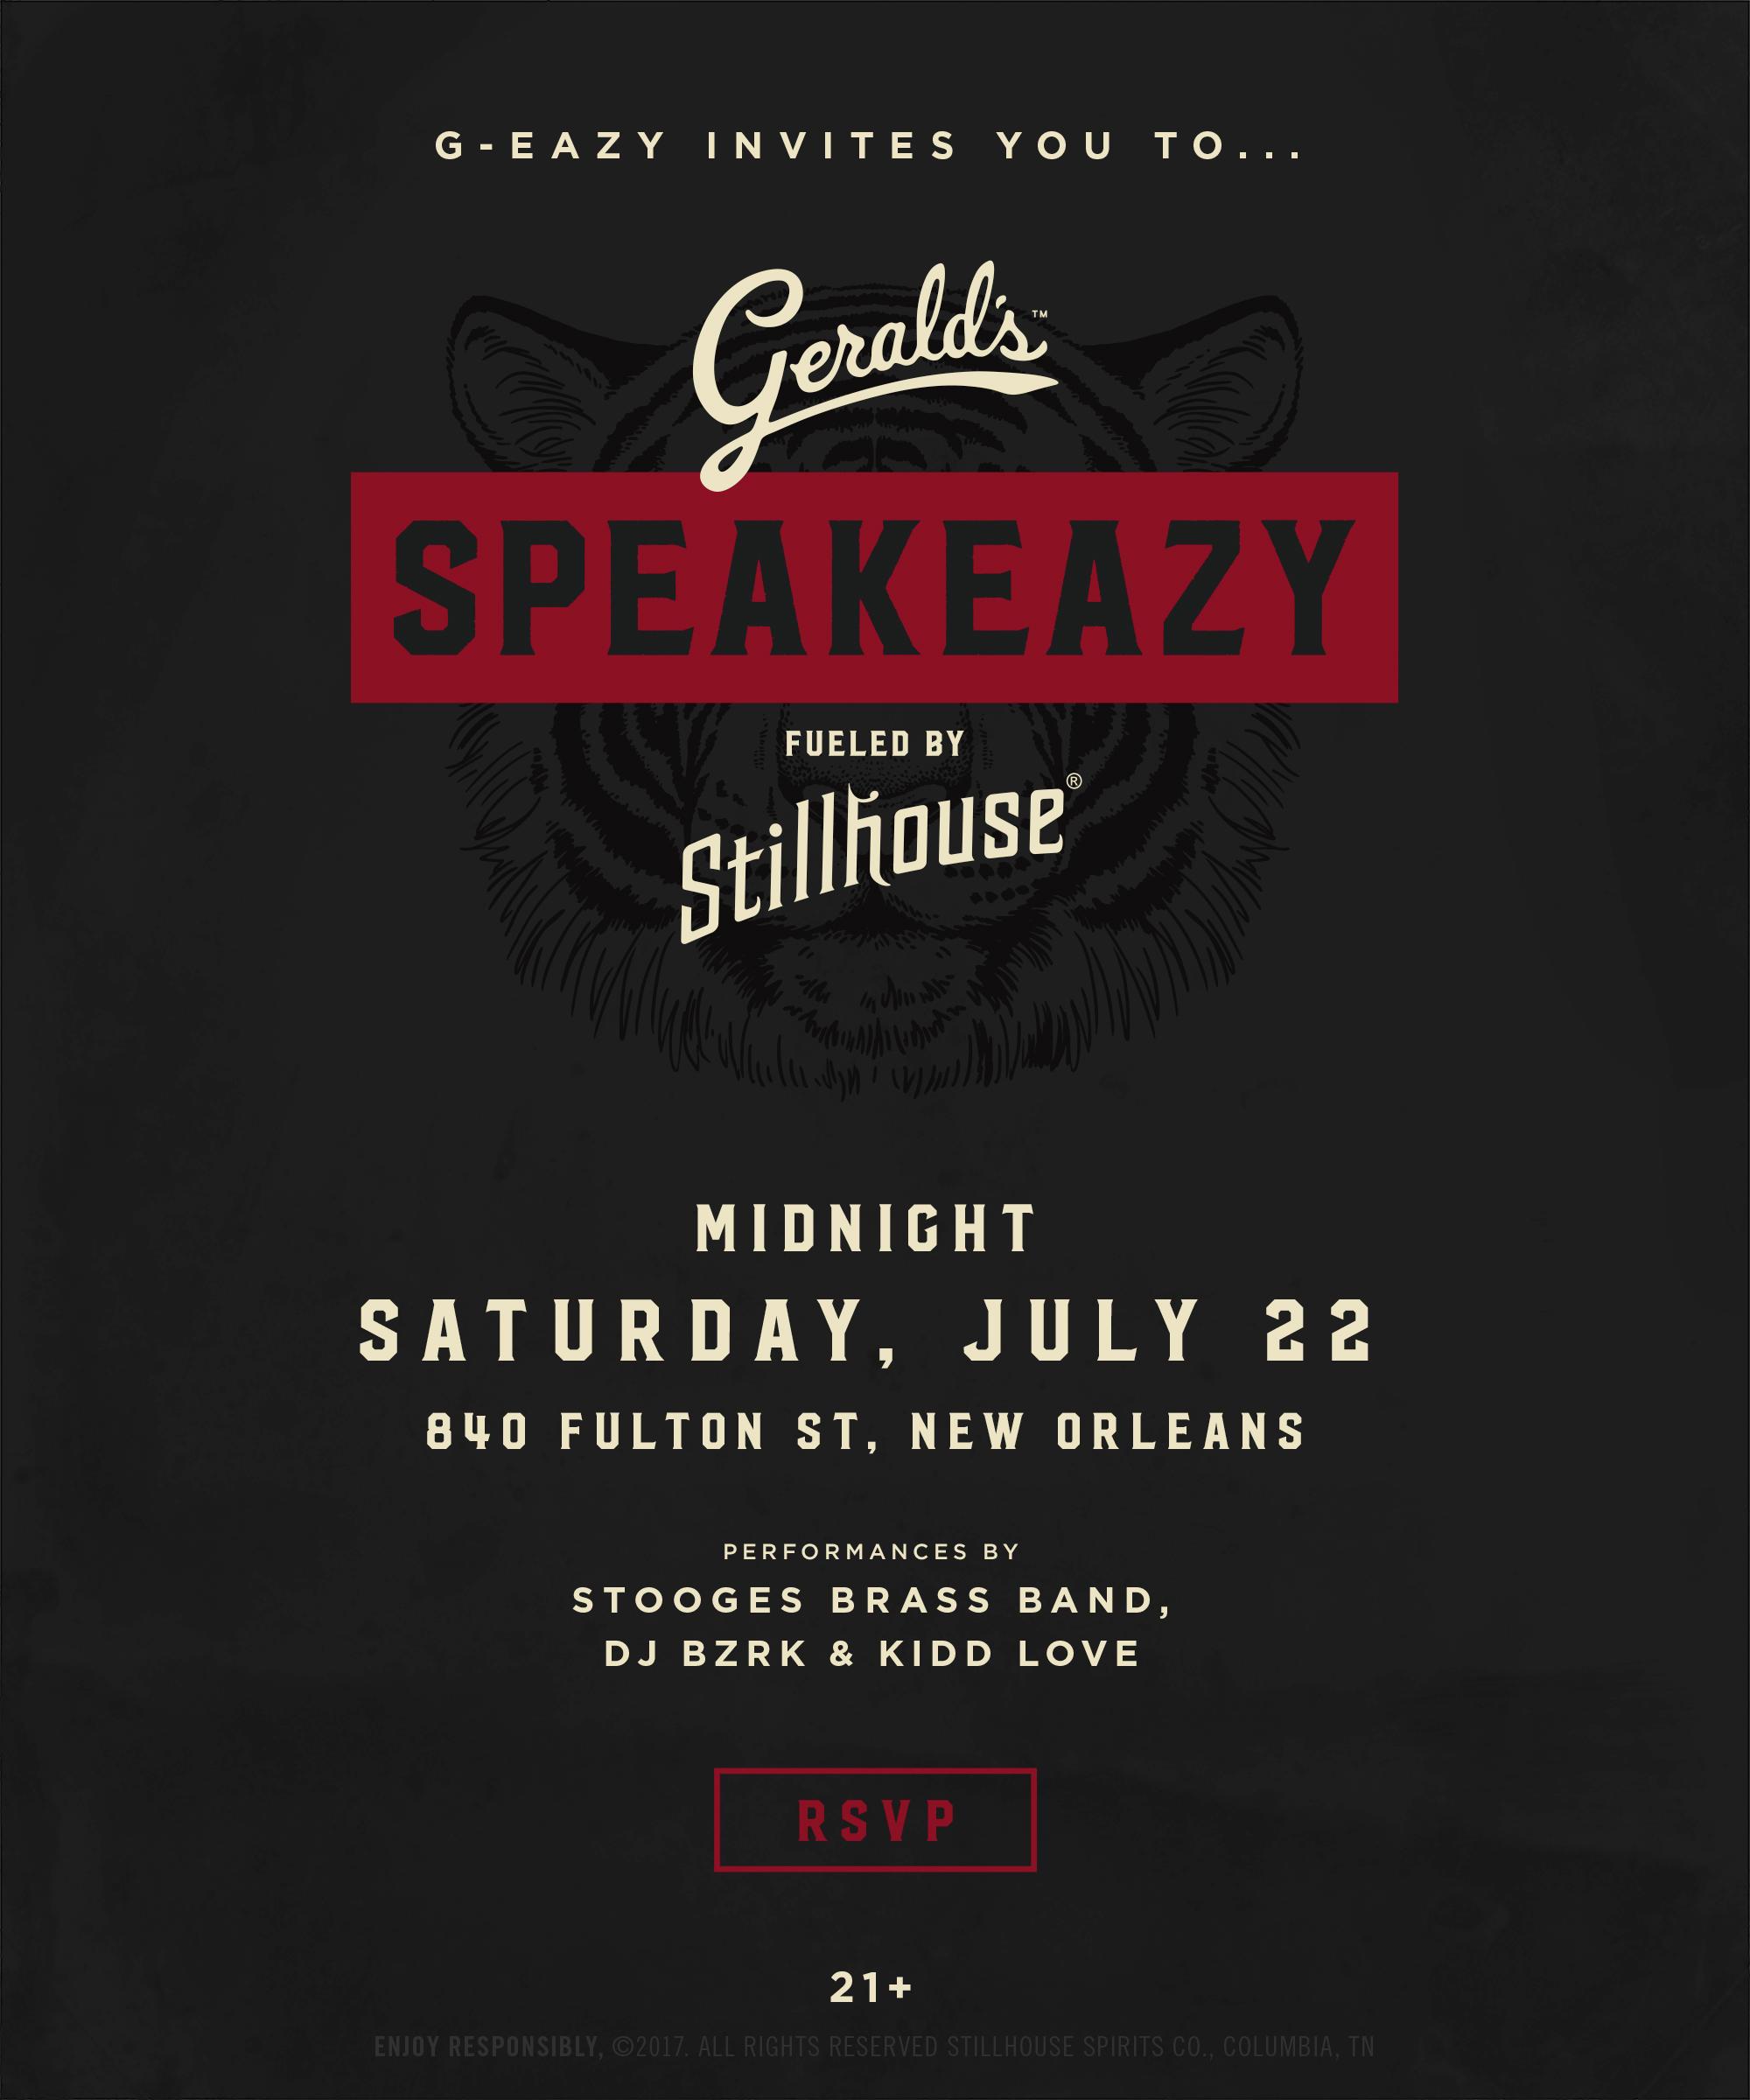 8ac.G-Eazy_Invites-you-to_GeraldsSpeakeazy-RSVP.jpg